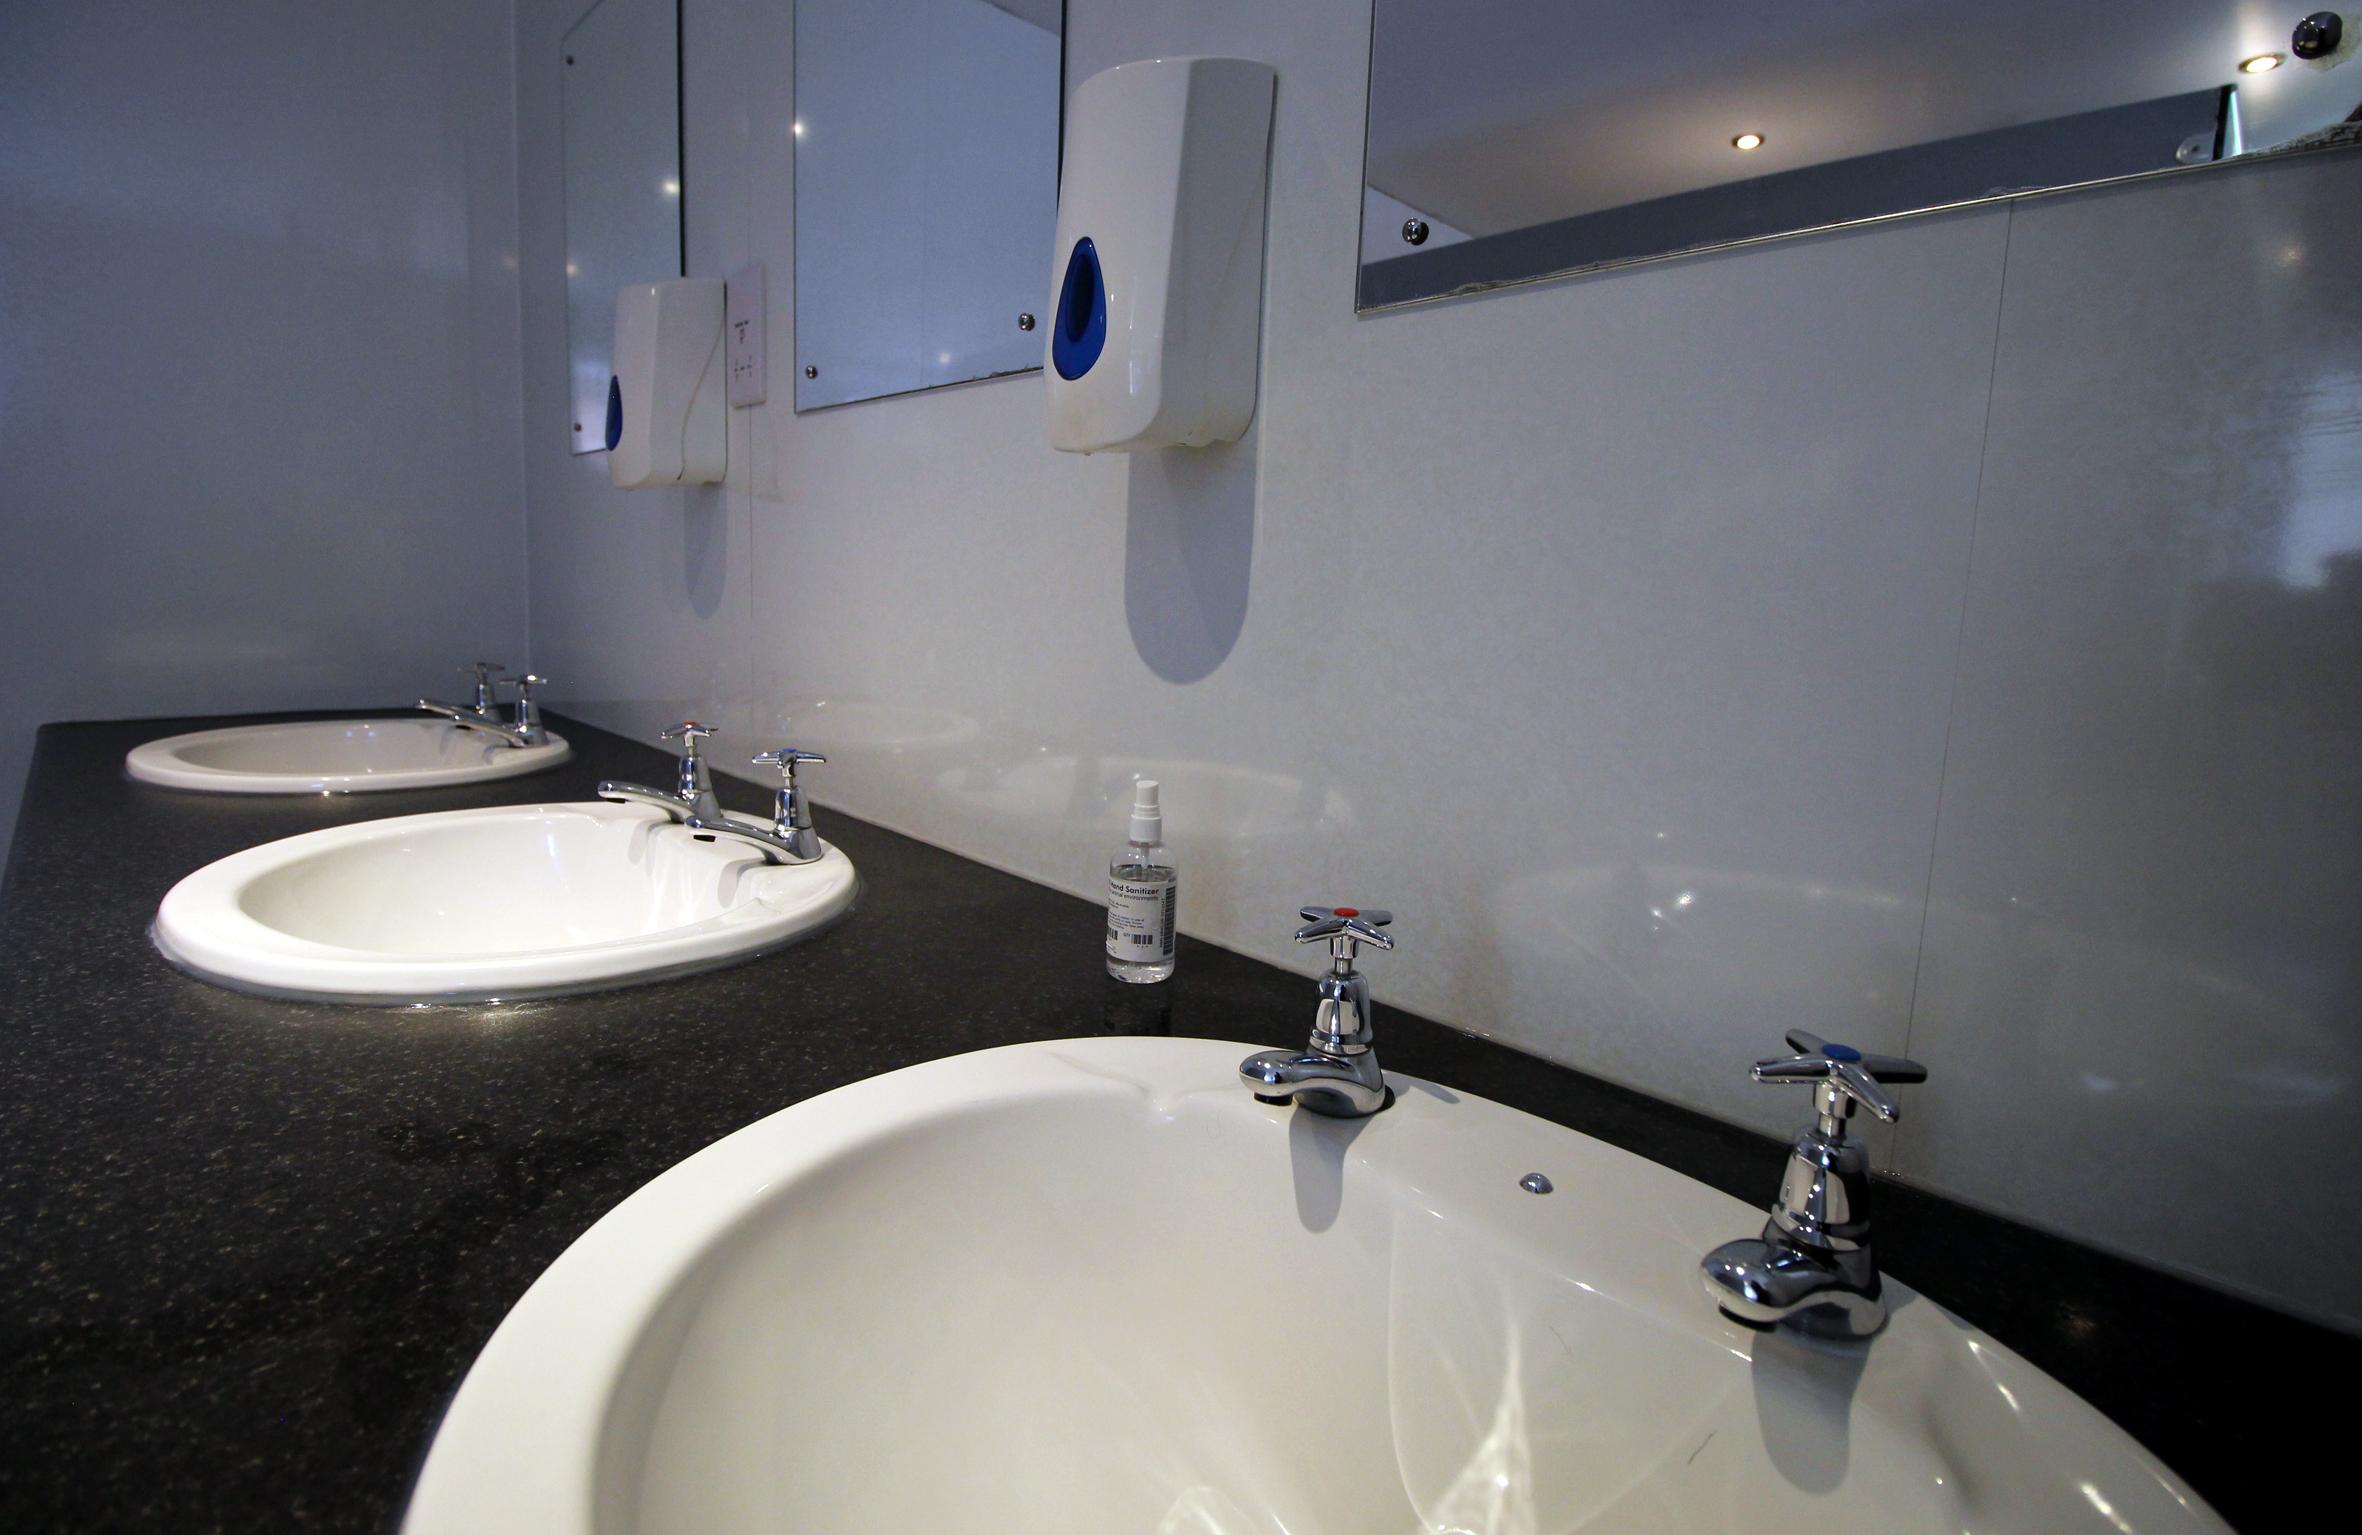 BathroomSinks.jpg